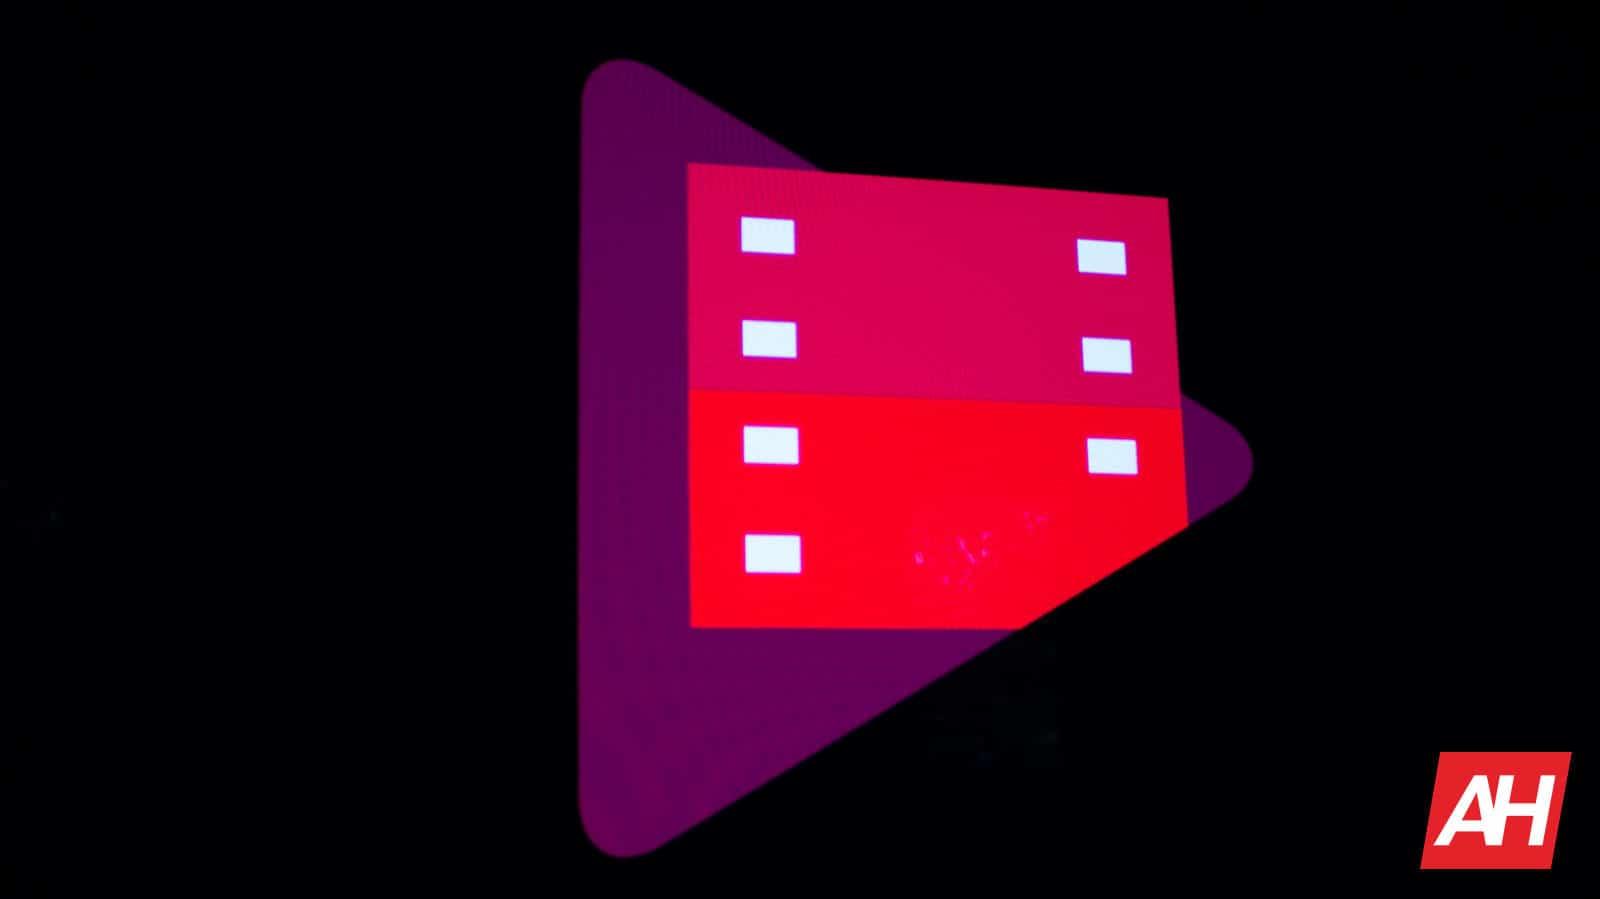 Google Play Movies and TV AH NS 08